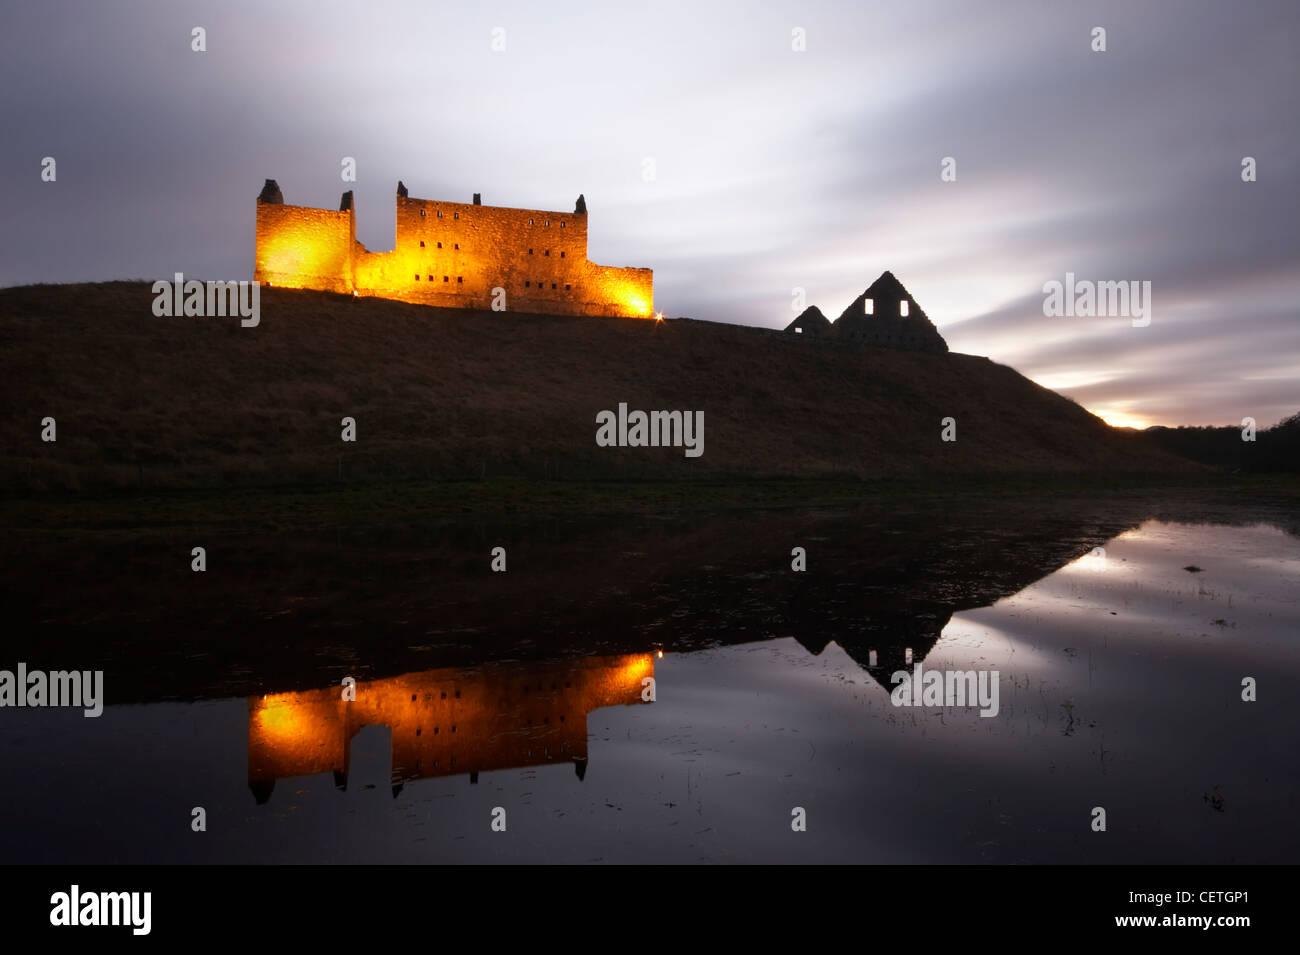 Ruthven Barracks al anochecer. El castillo que una vez estuvo en el sitio de los cuarteles, se dice que fue perseguido Imagen De Stock